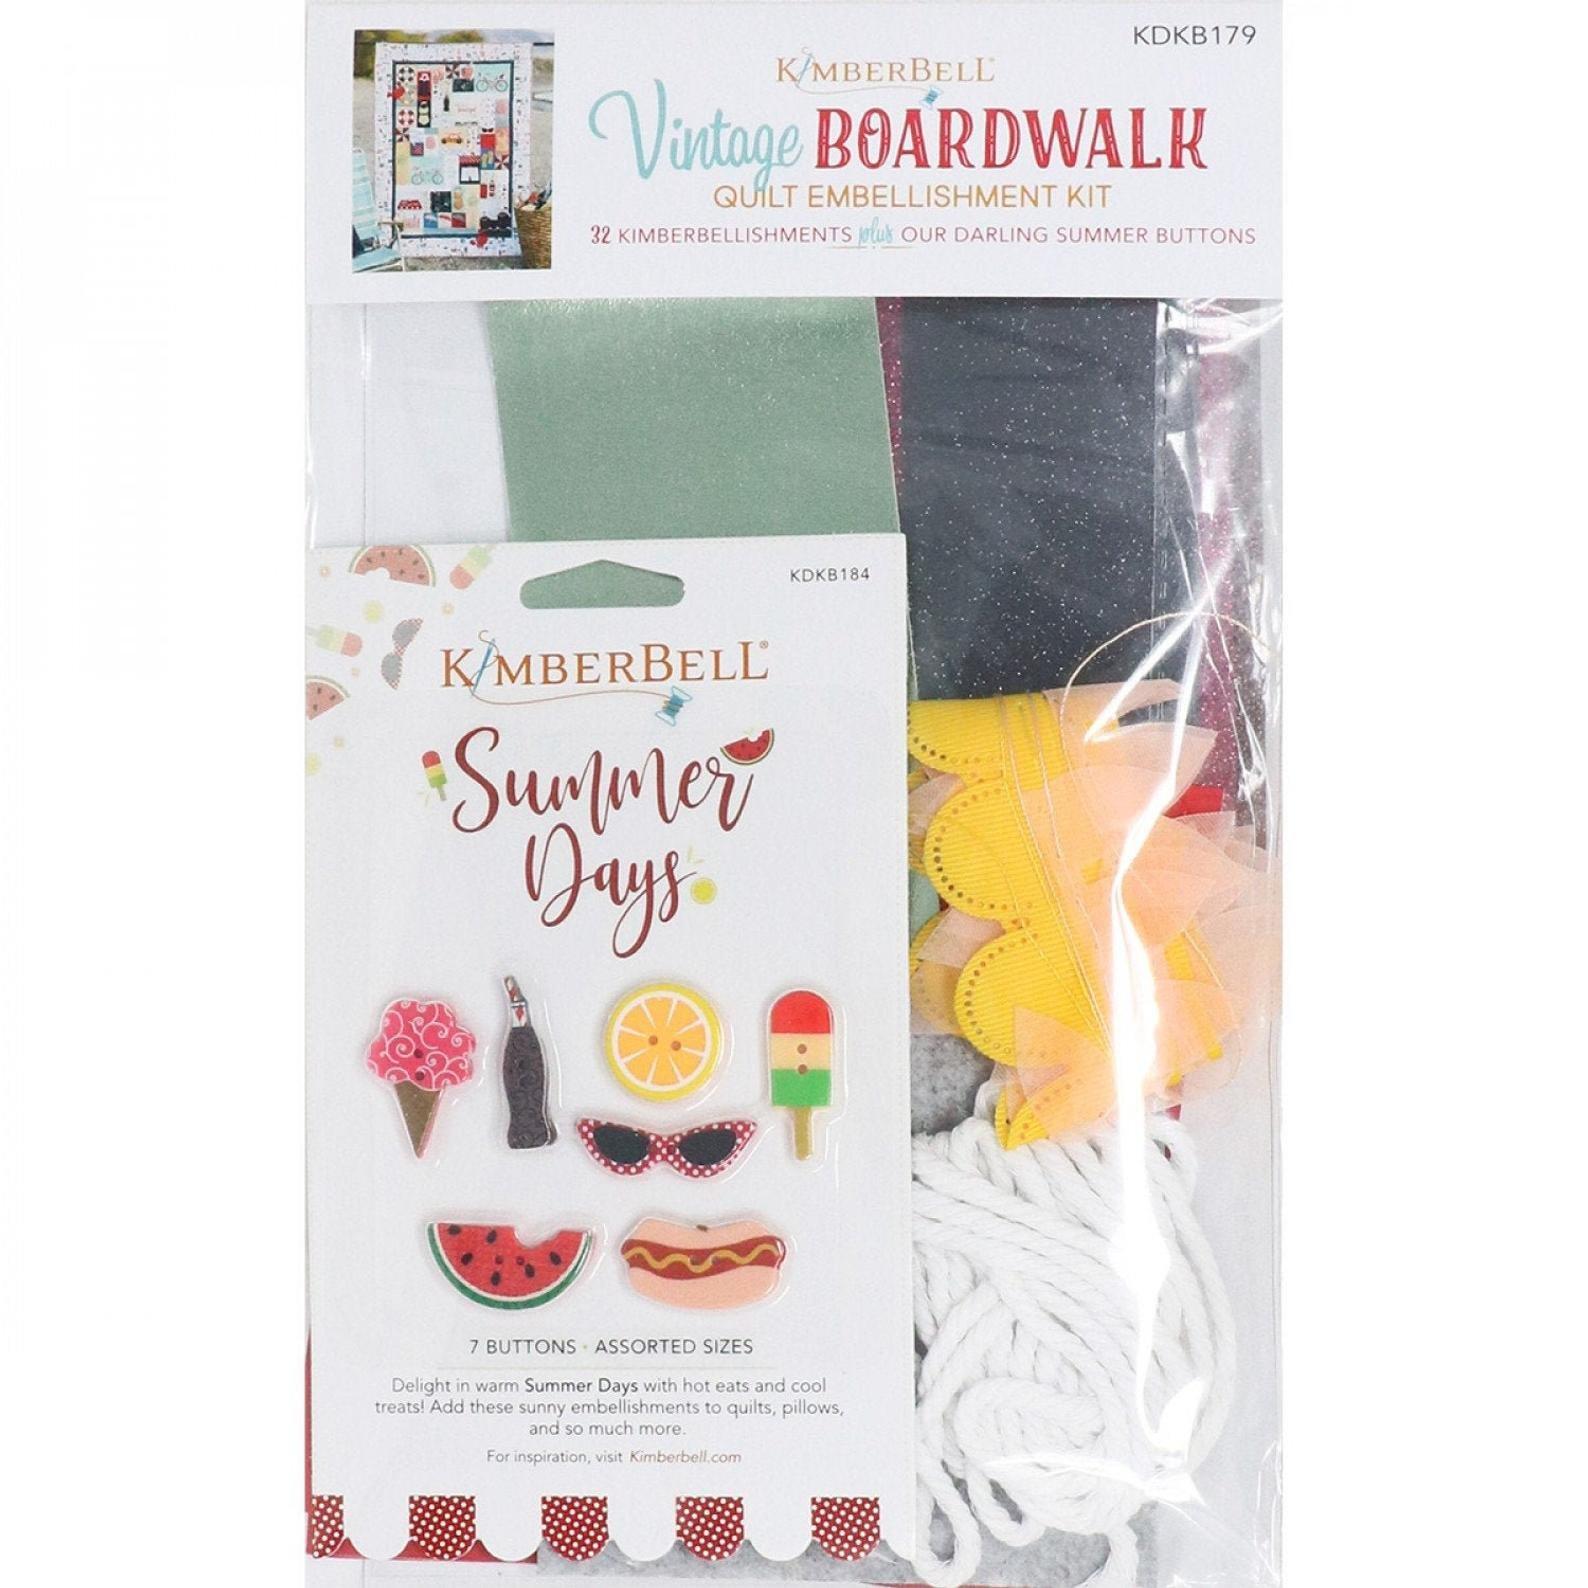 Vintage Boardwalk Embellishment Kit